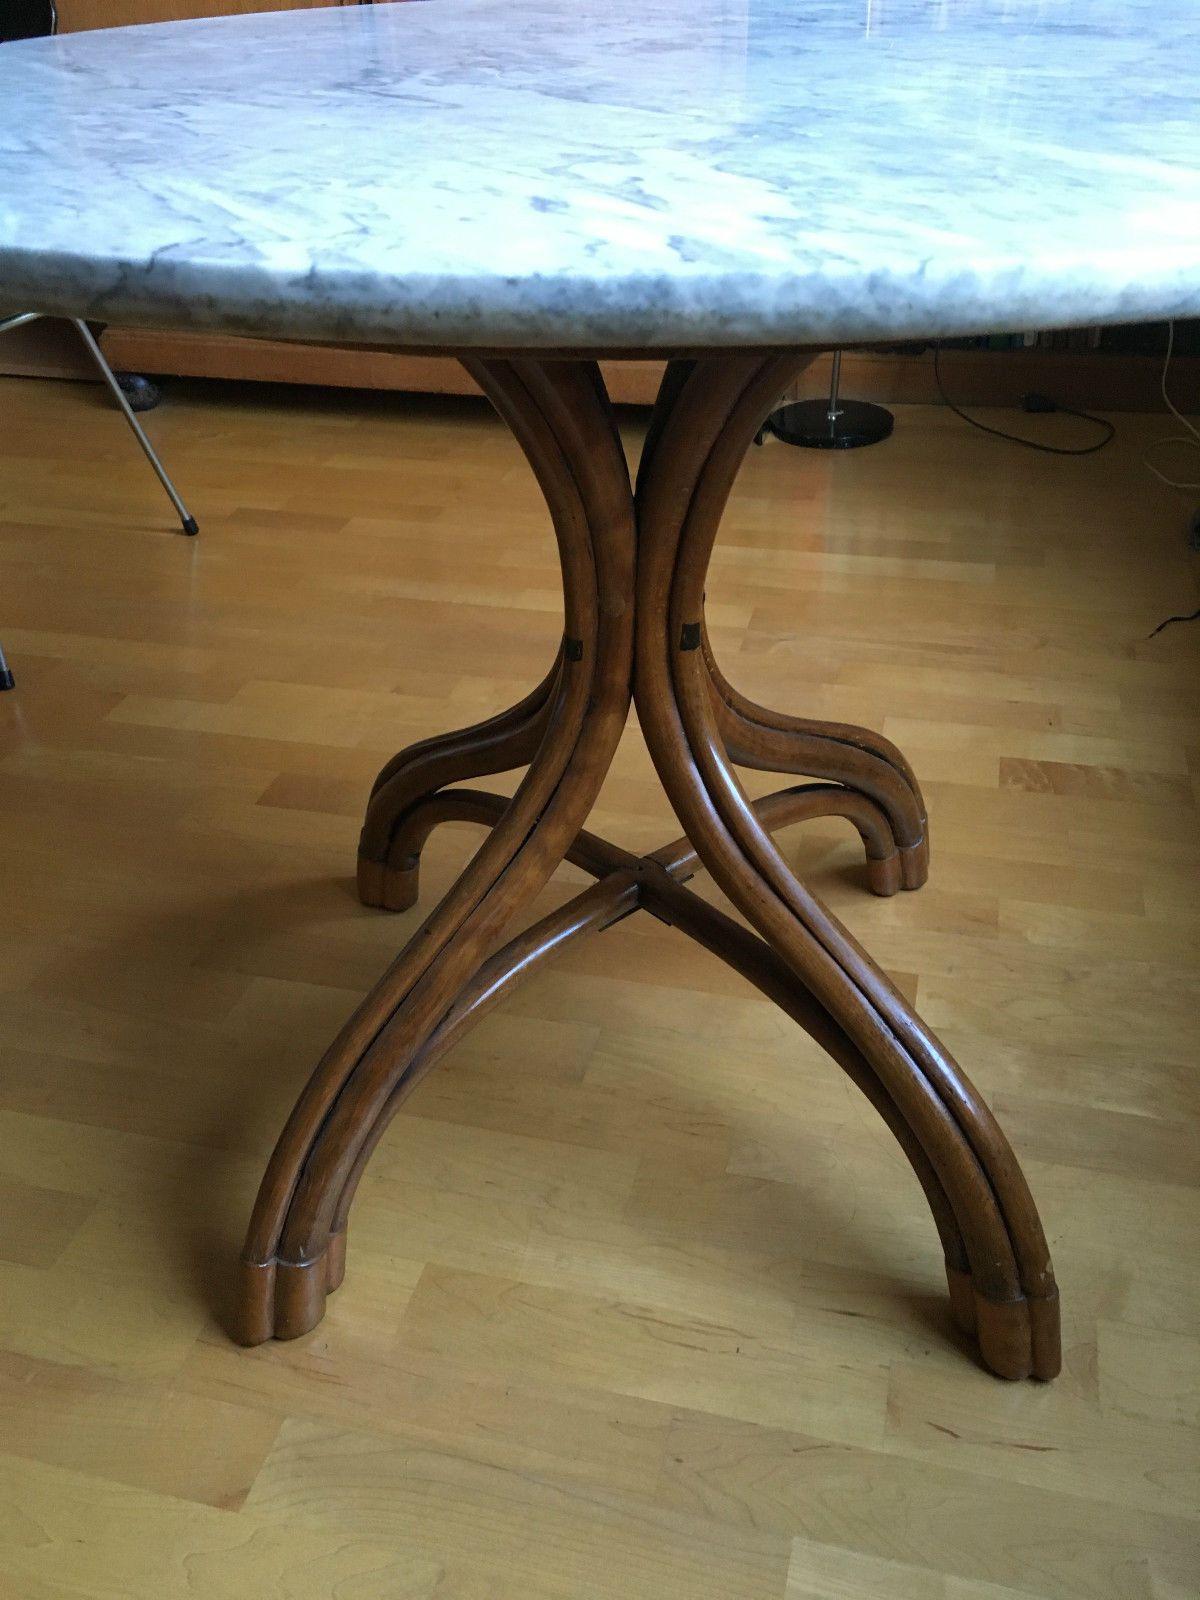 Original Thonet Tisch No 7 Bugholz mit Marmorplatte | eBay | Thonet ...